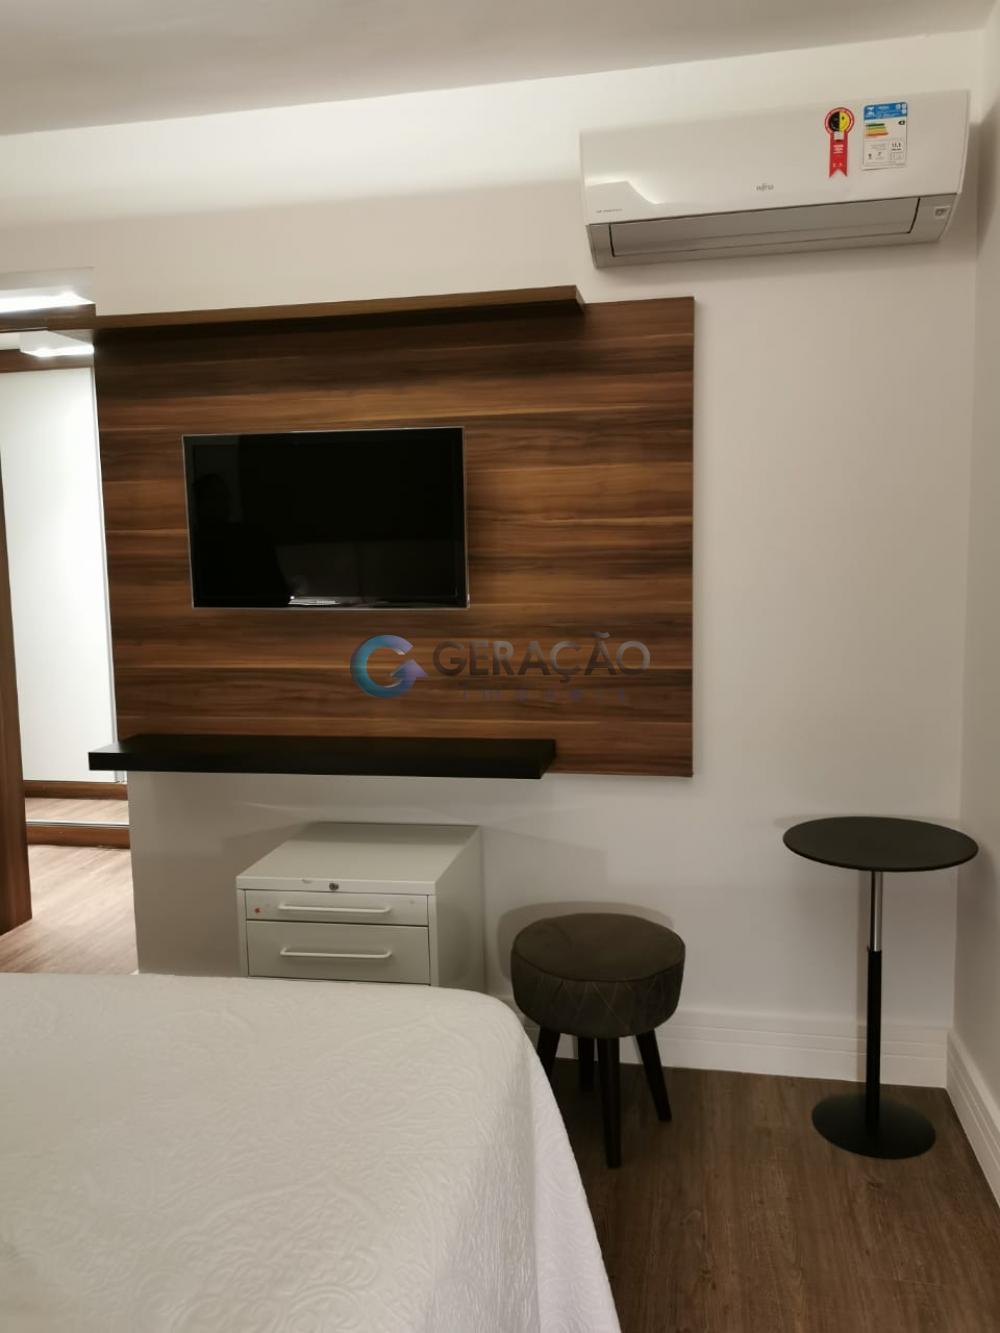 Comprar Apartamento / Padrão em São José dos Campos apenas R$ 1.100.000,00 - Foto 19